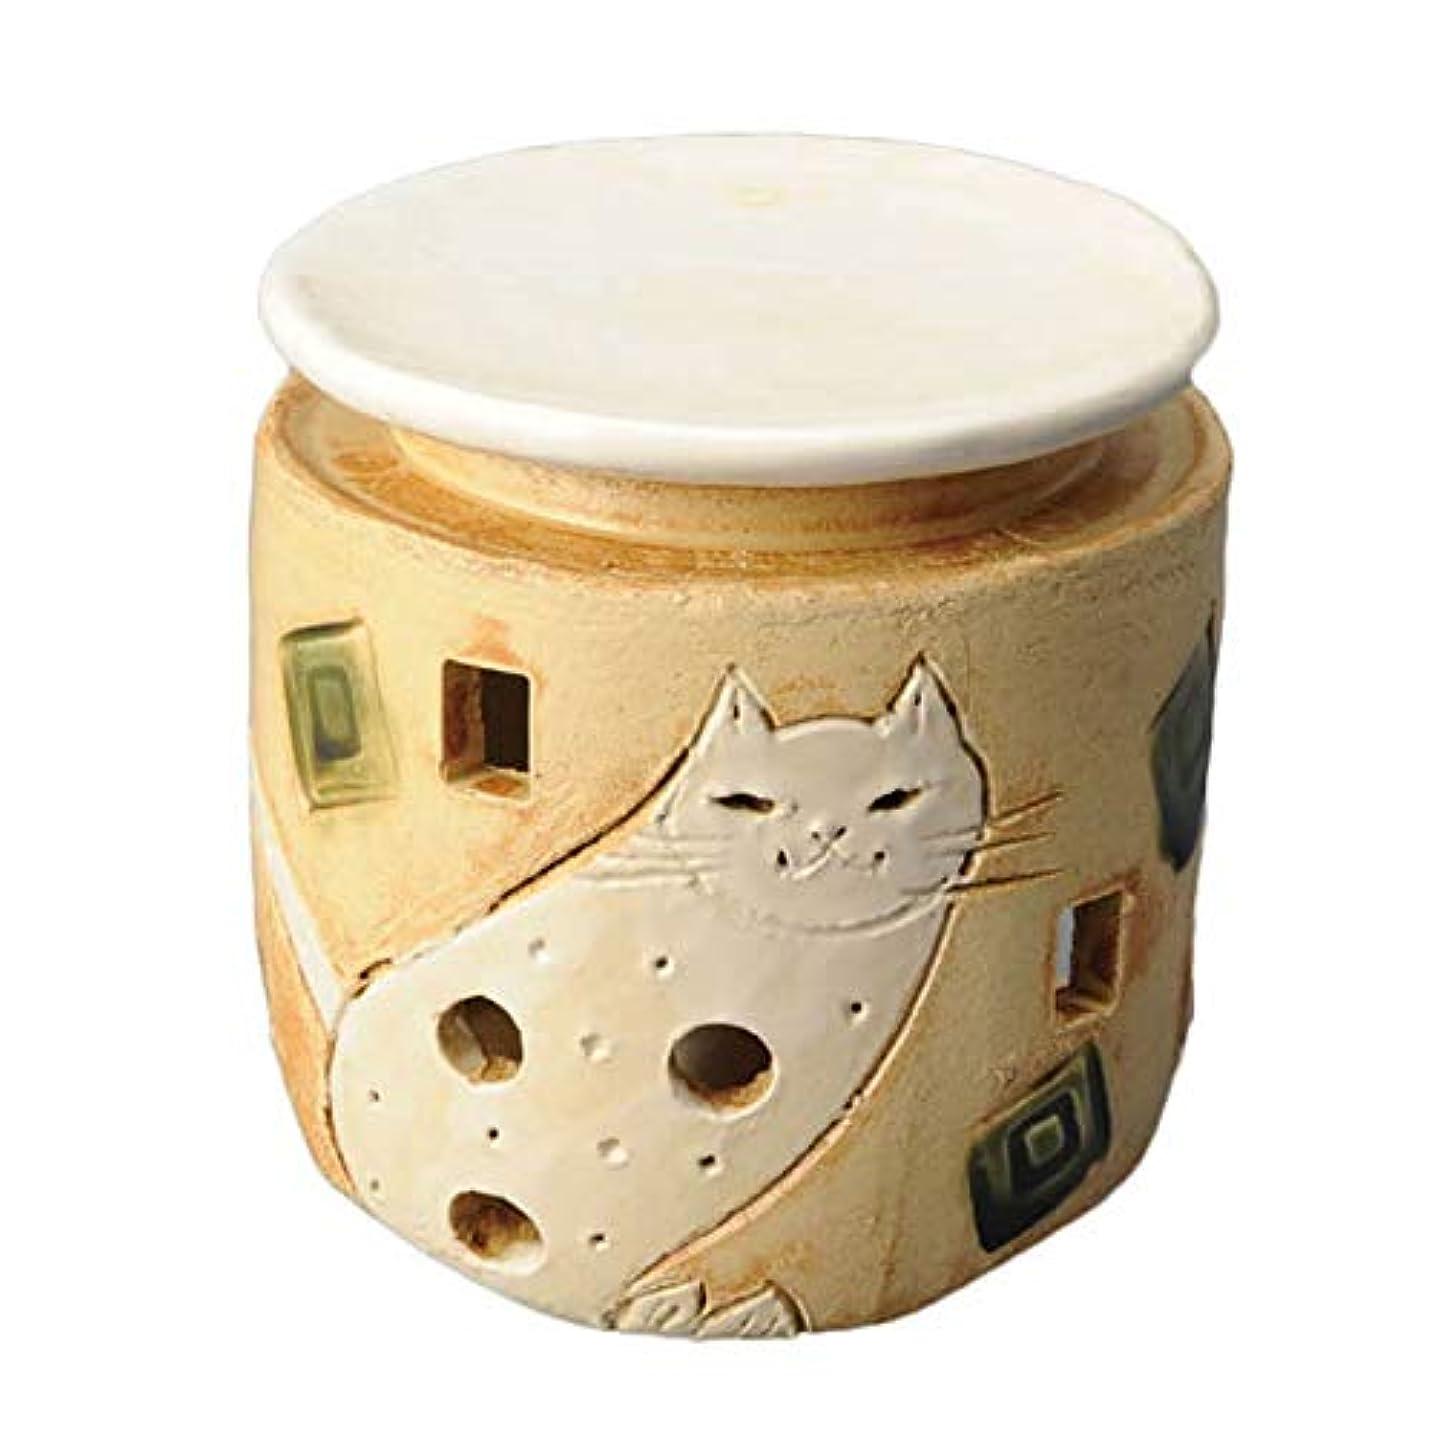 位置づけるプロペラトロイの木馬手造り 茶香炉/白猫 茶香炉/アロマ 癒やし リラックス インテリア 間接照明